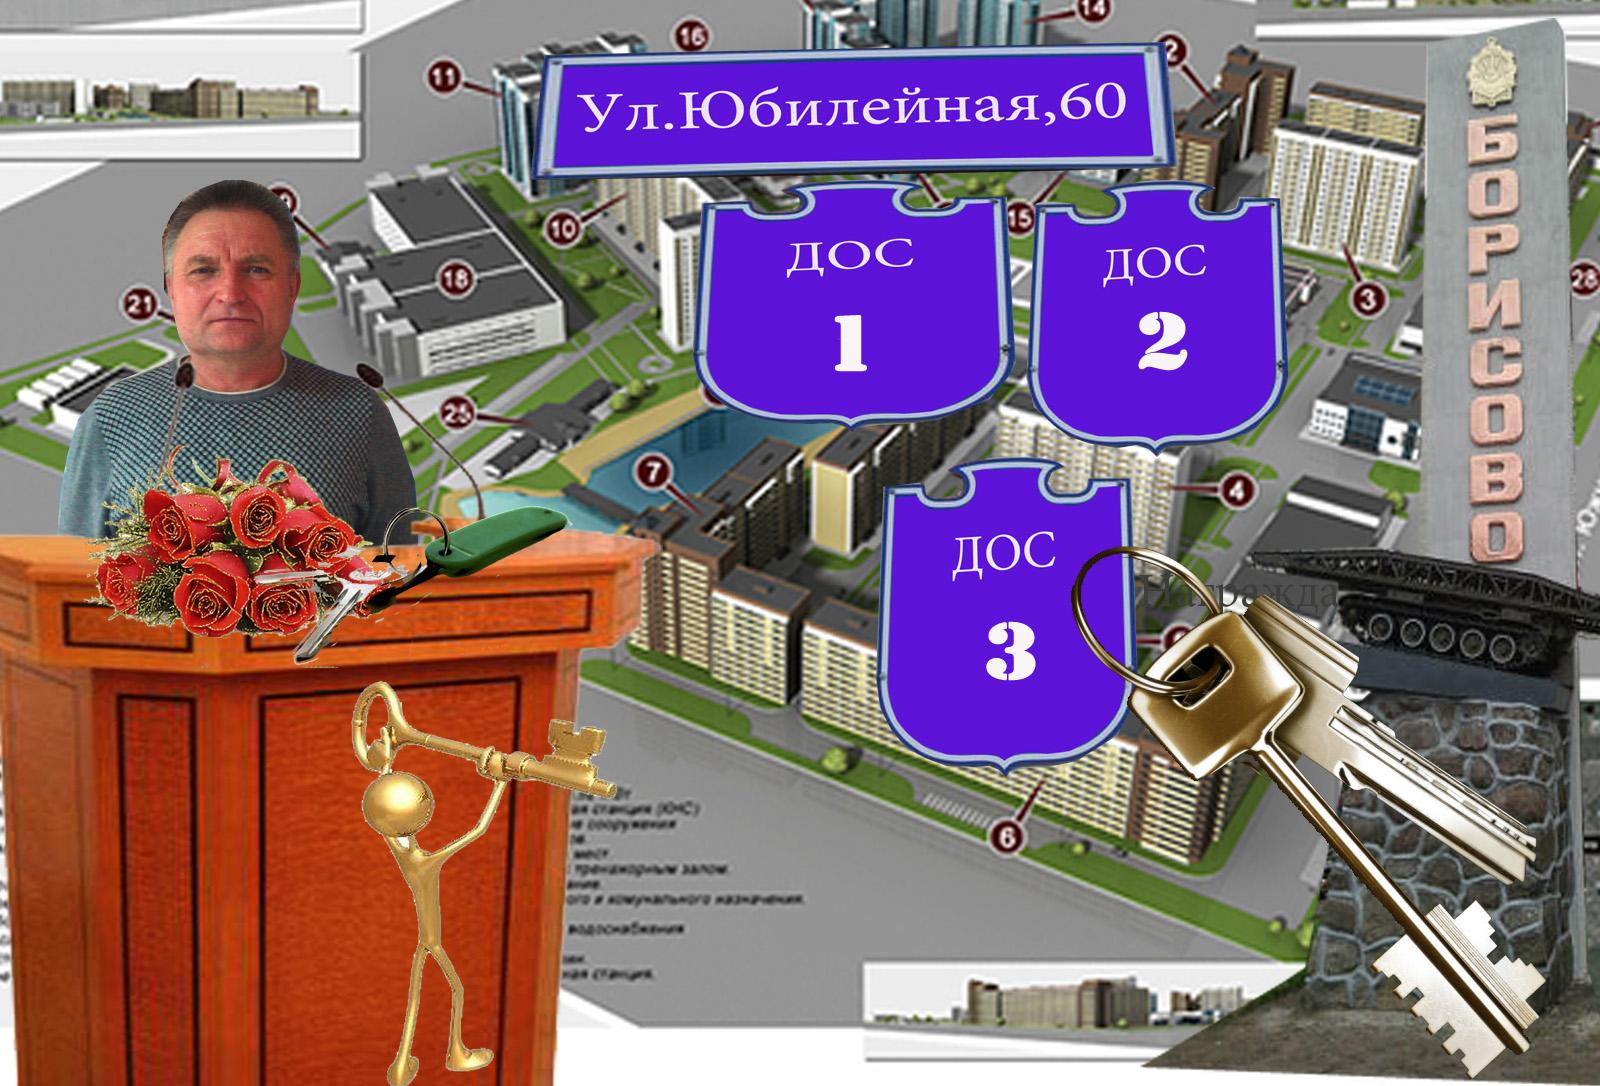 вручение ключей 60 летним юбилярам ключей от квартир ДОС №1,ДОС№2,ДОС№3